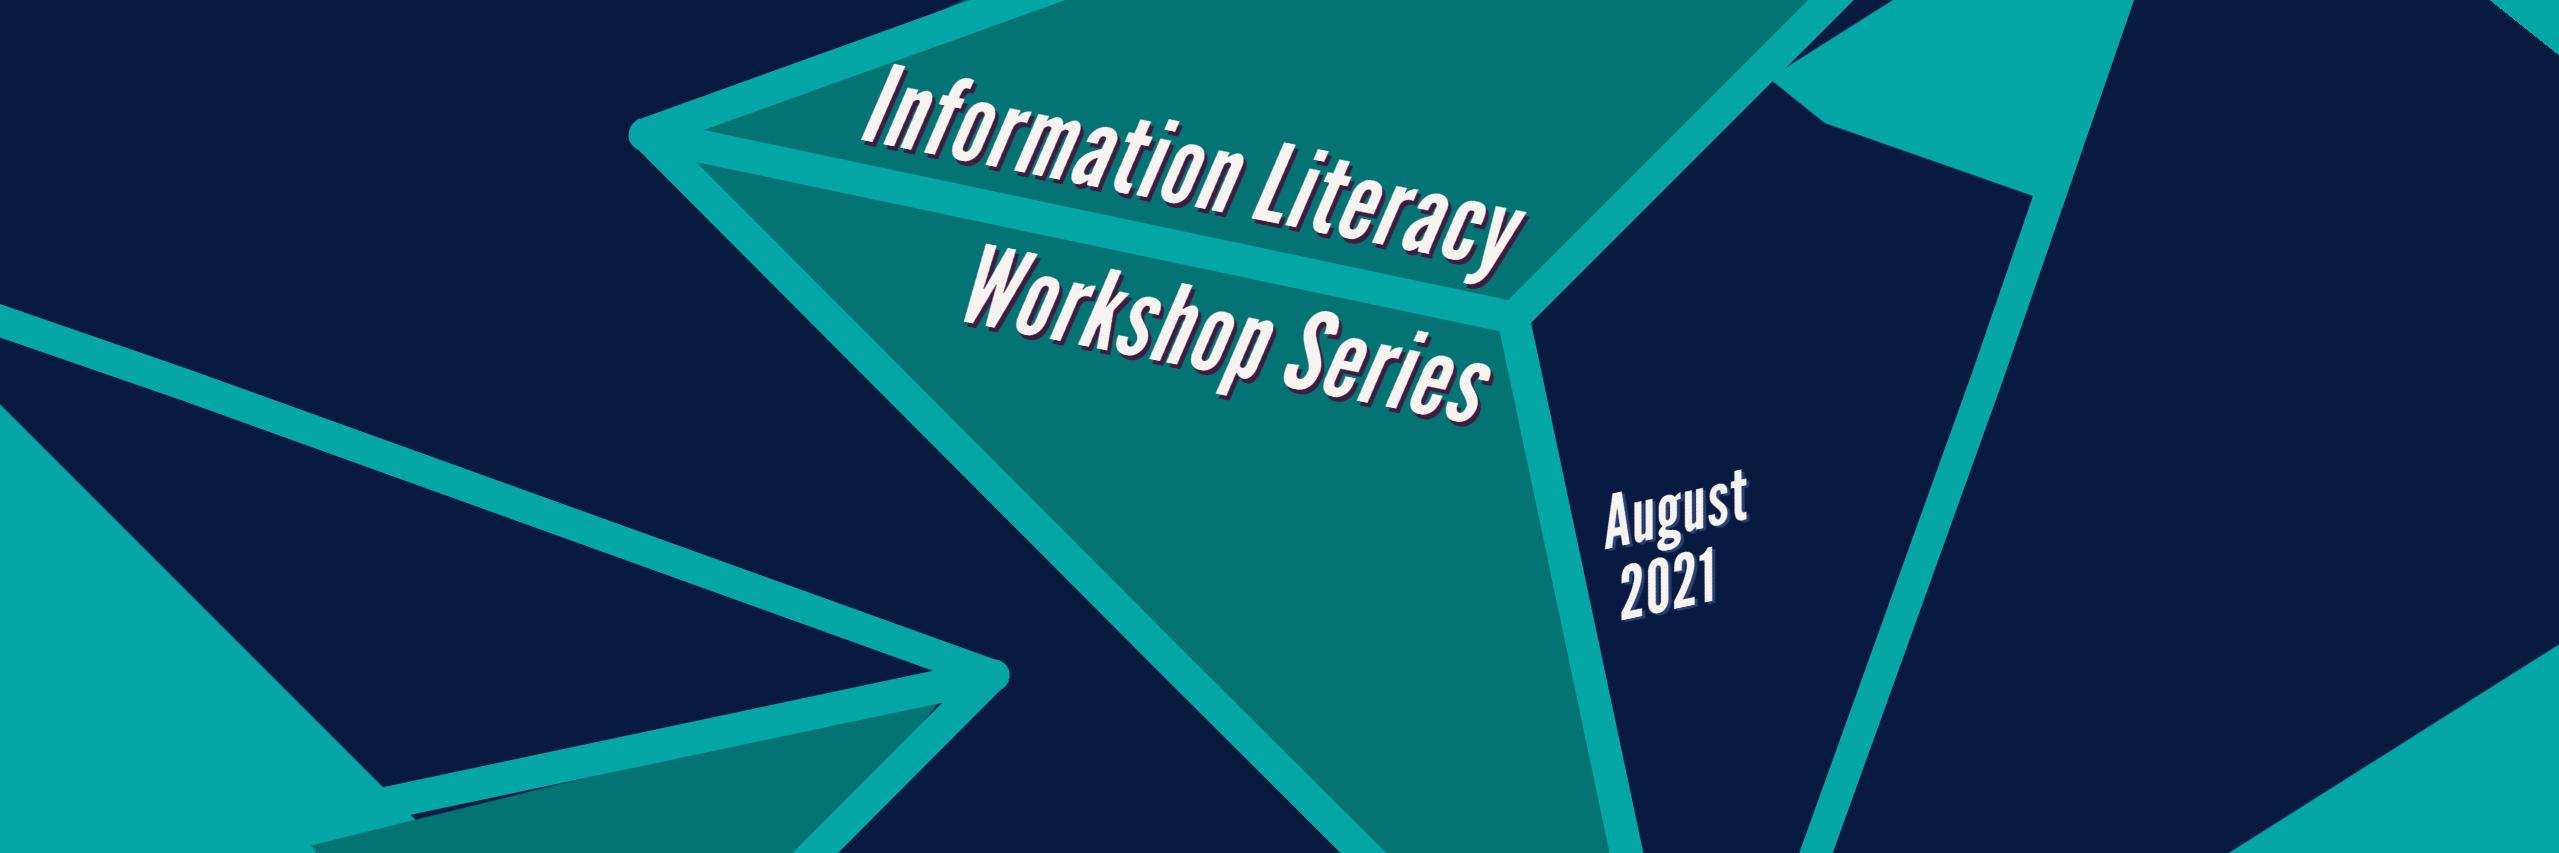 Information Literacy Workshop Series graphic banner